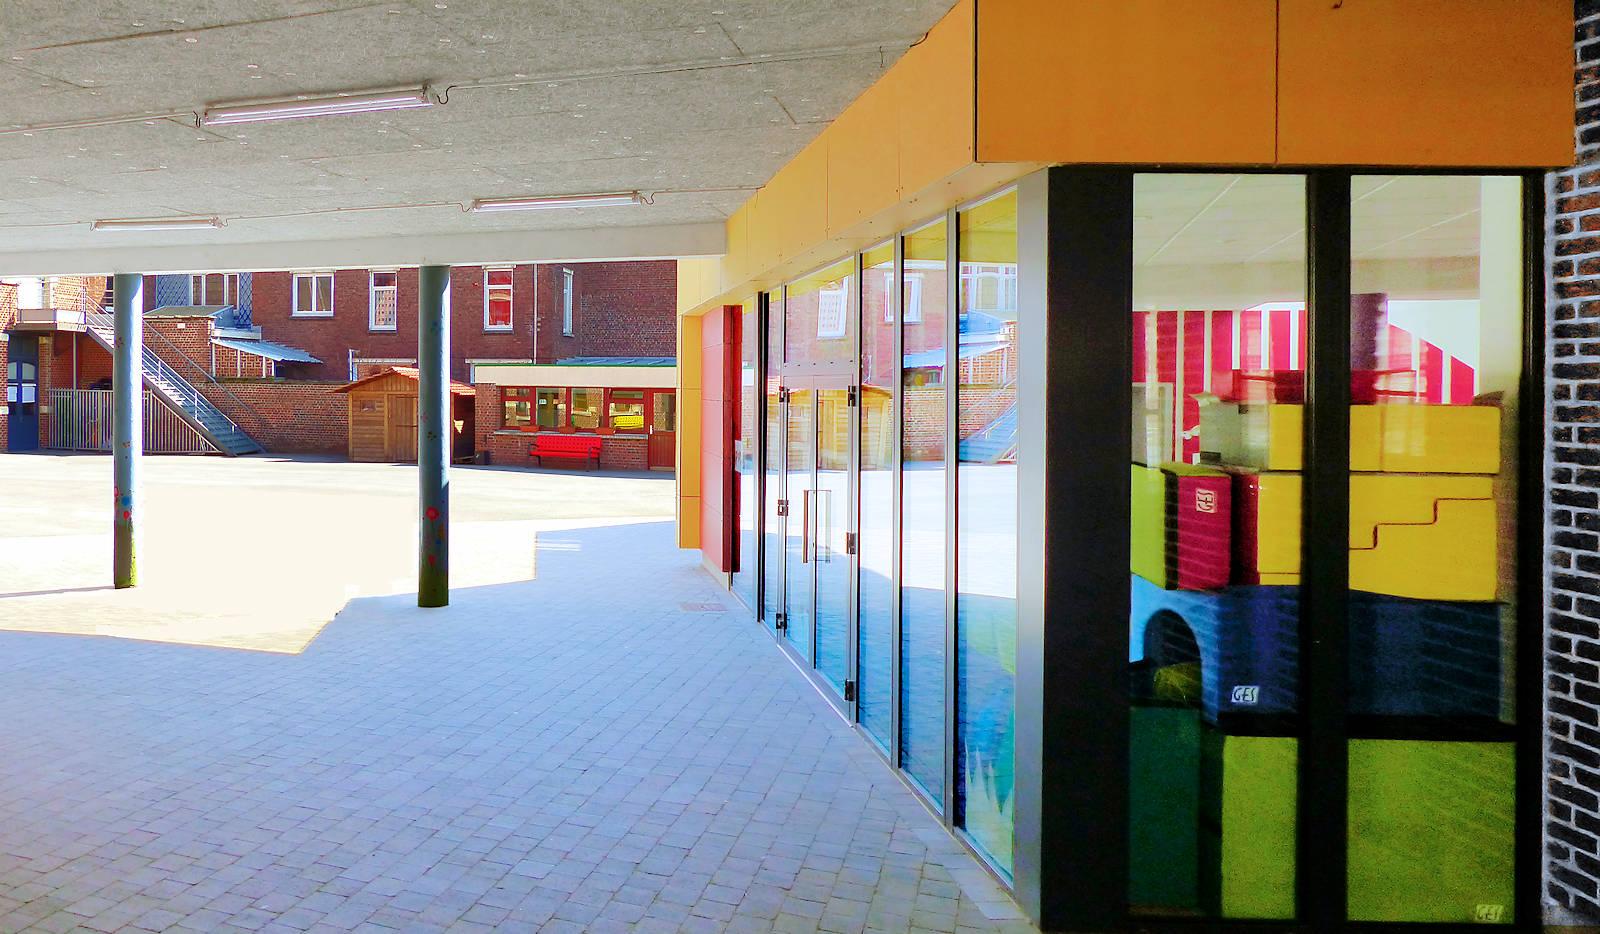 École primaire Saint Louis - Tourcoing